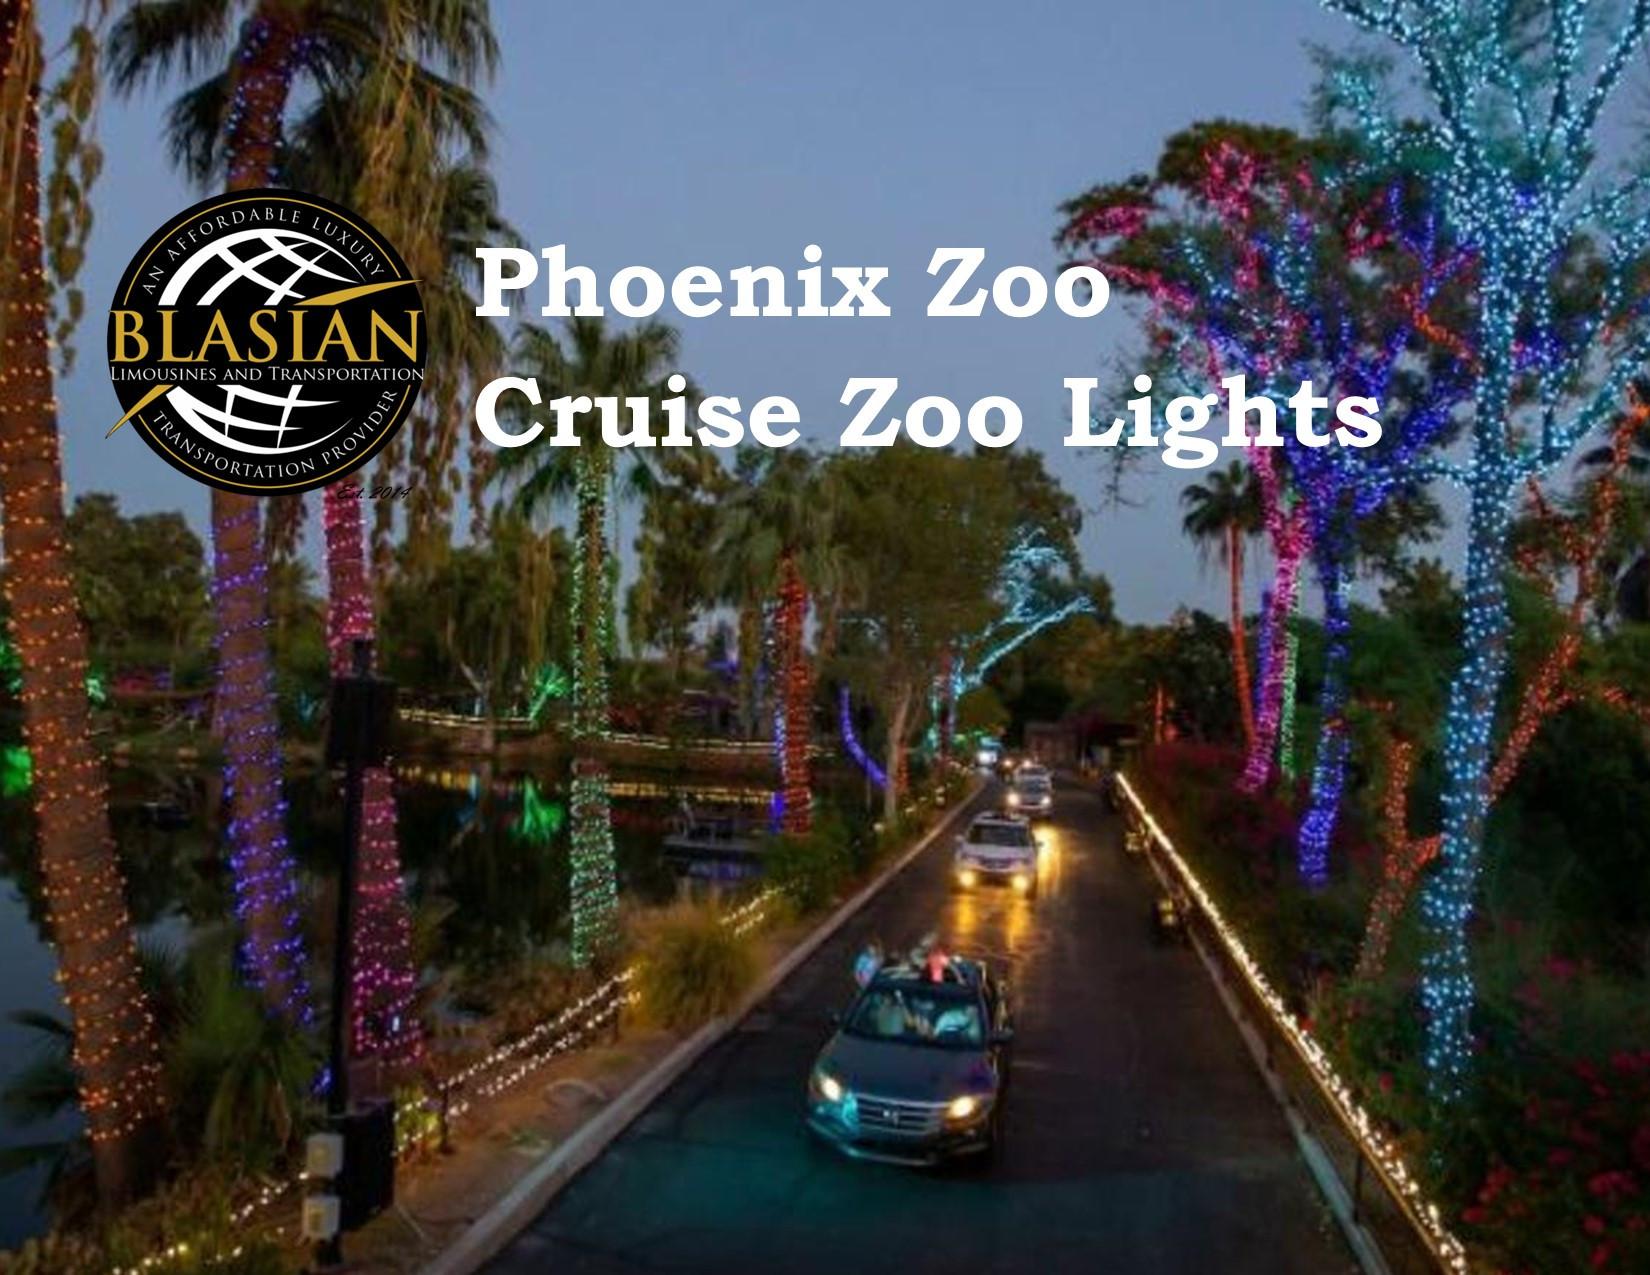 Phoenix Zoo CRUISE ZOO LIGHTS